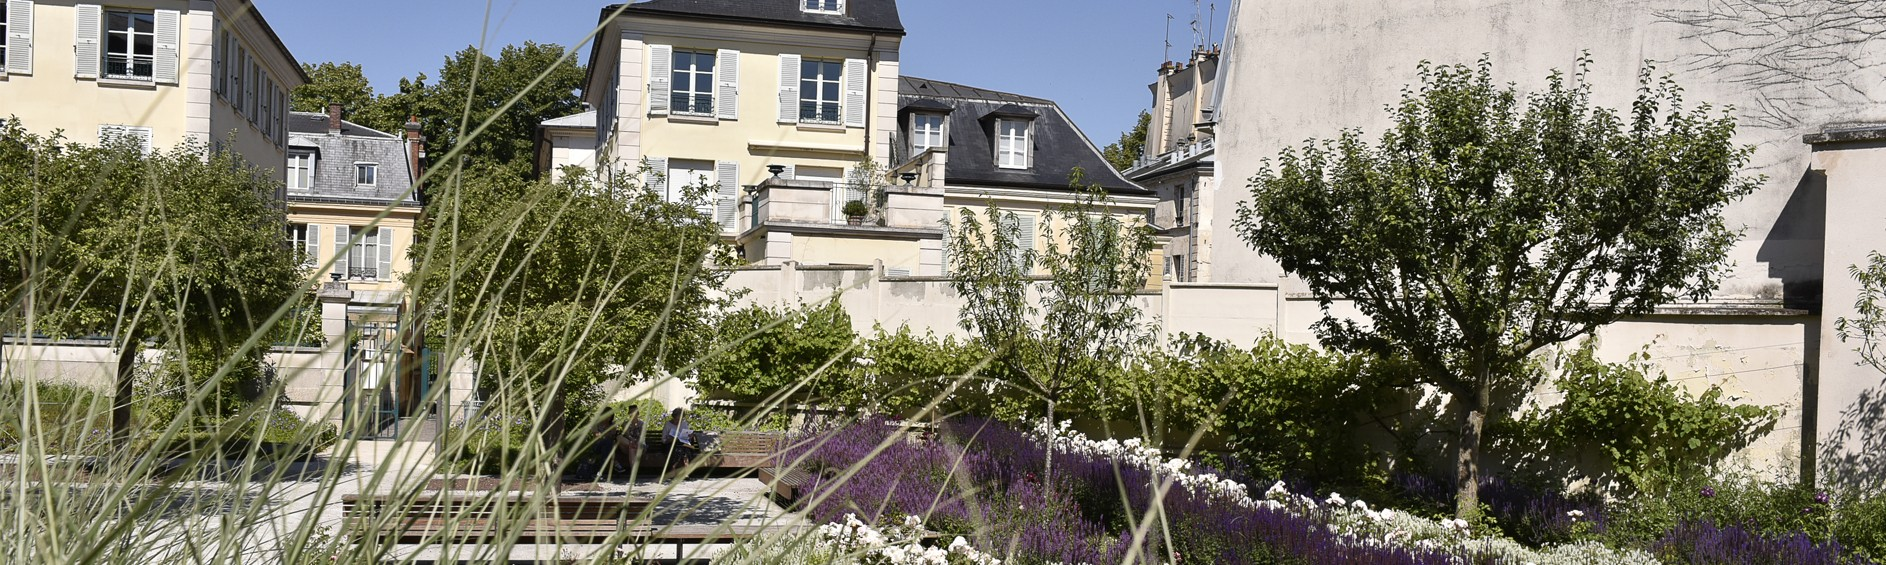 Jardins des Senteurs à Versailles